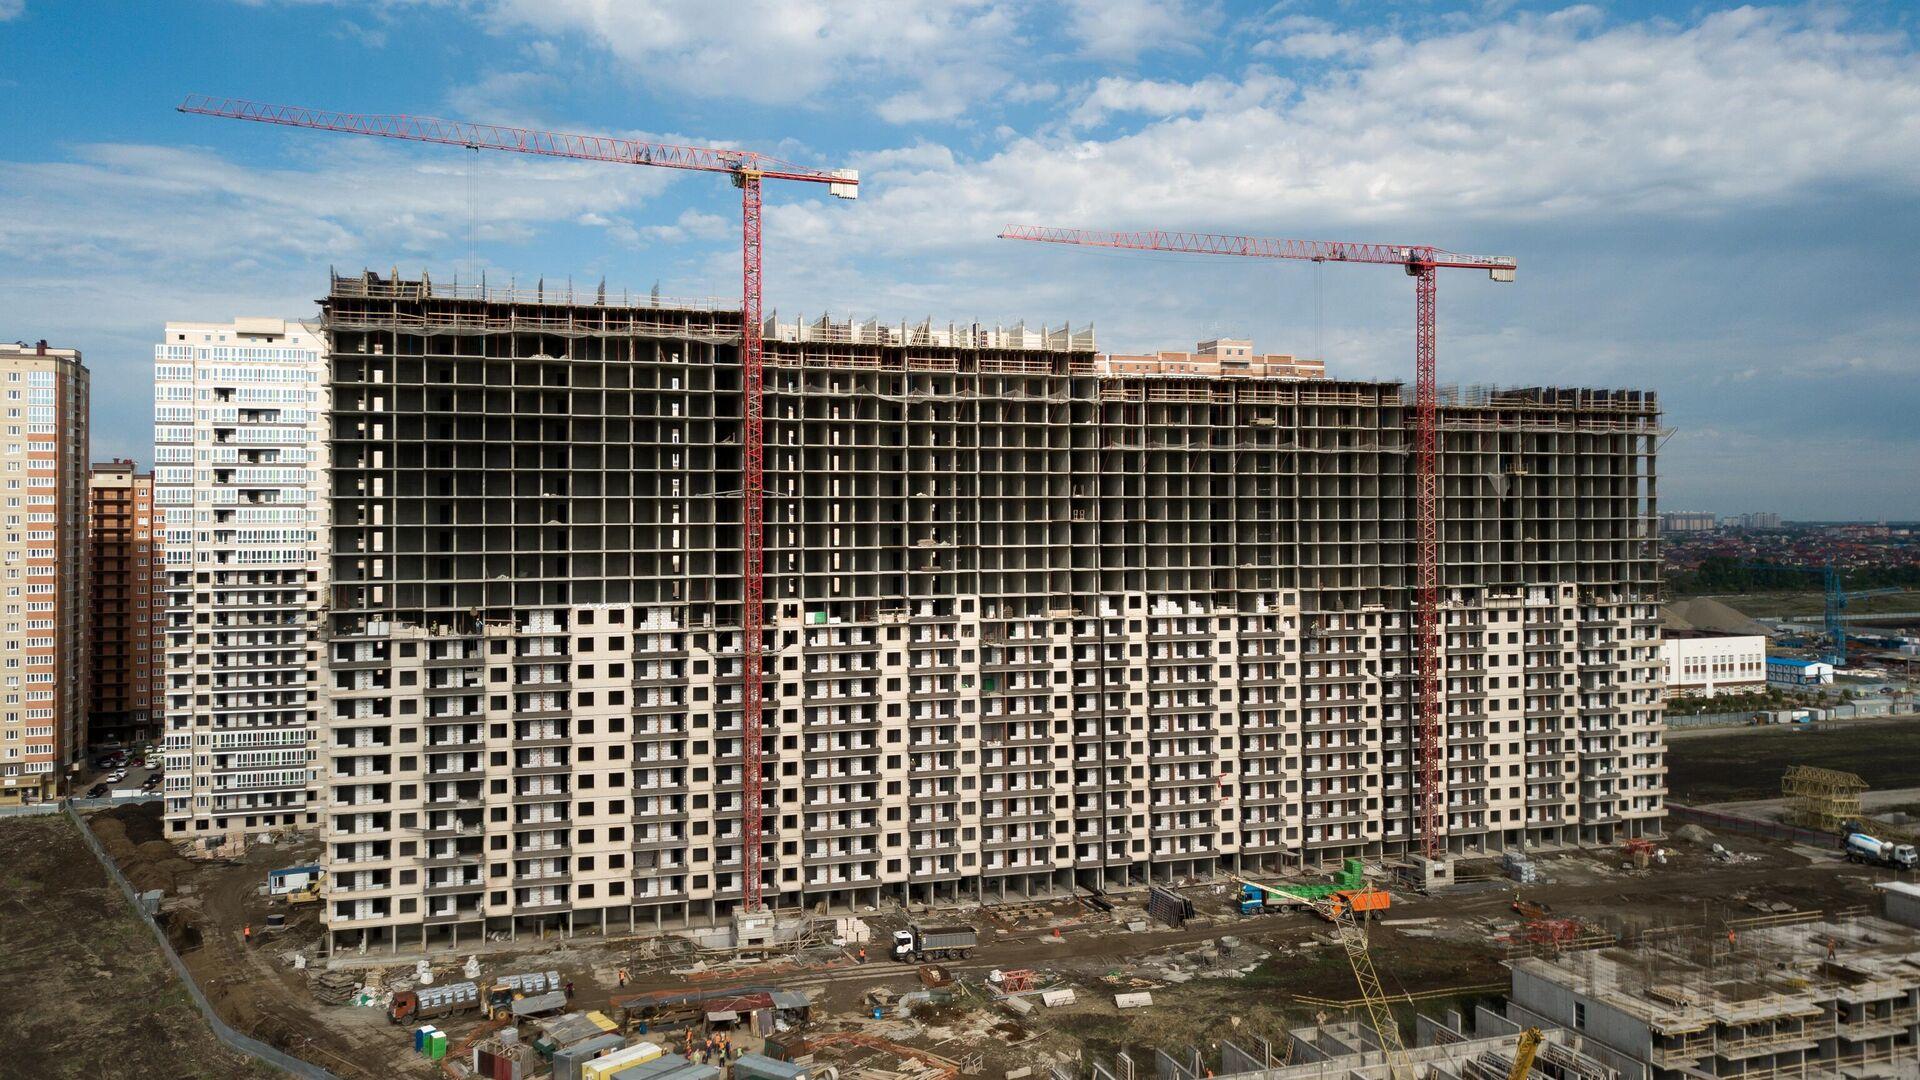 Строительство жилых домов - РИА Новости, 1920, 22.01.2021